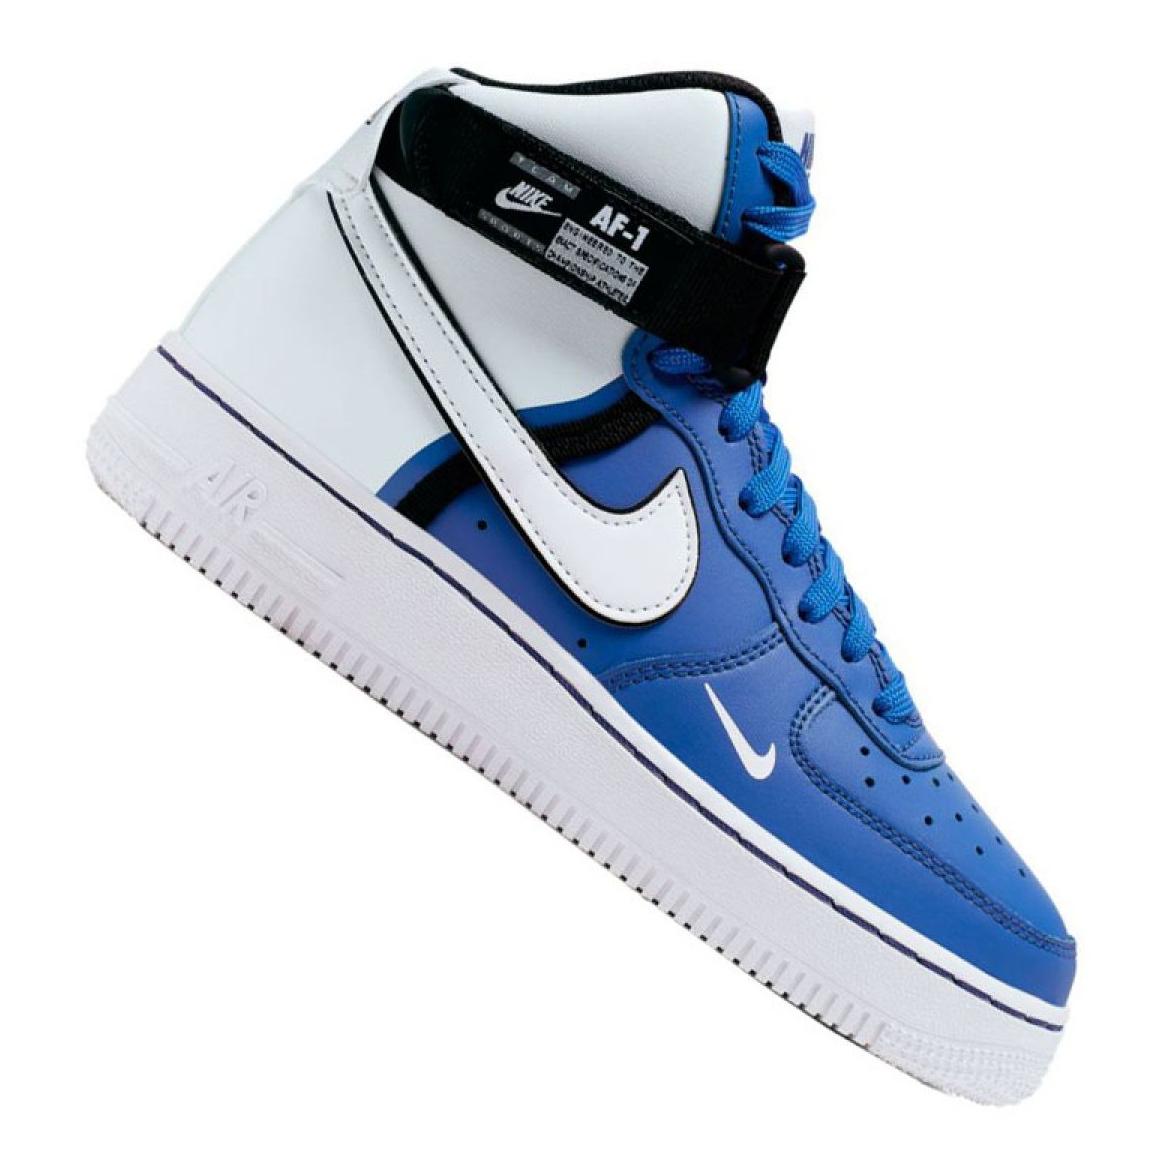 Nike Air Force 1 High LV8 2 Jr CI2164 400 Schuhe weiß blau